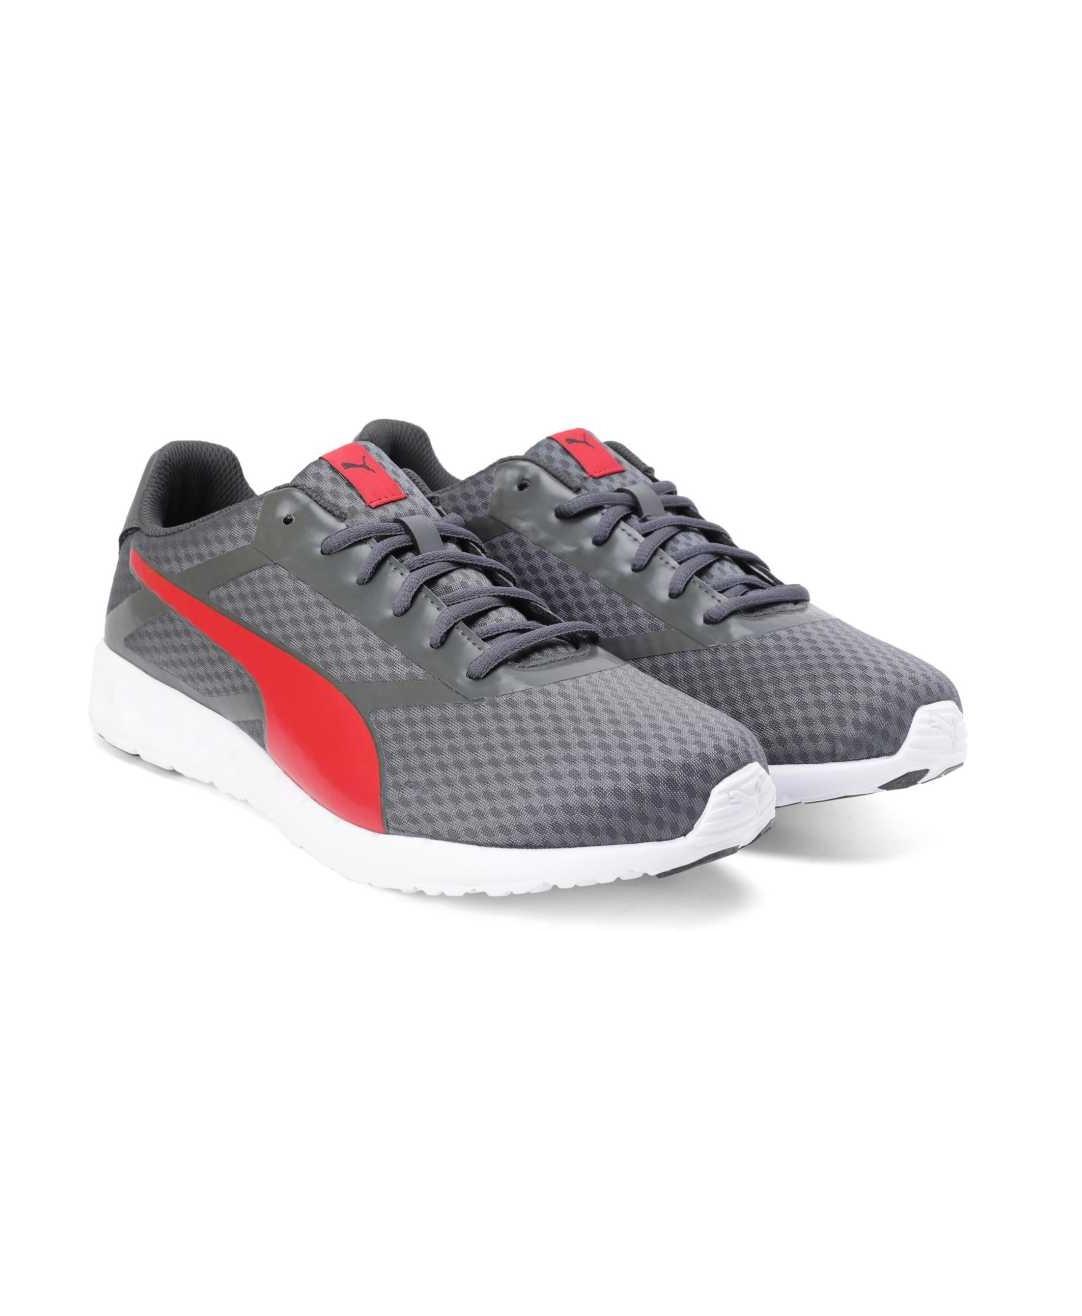 Puma   Puma Men Convex Pro IDP Running Shoes